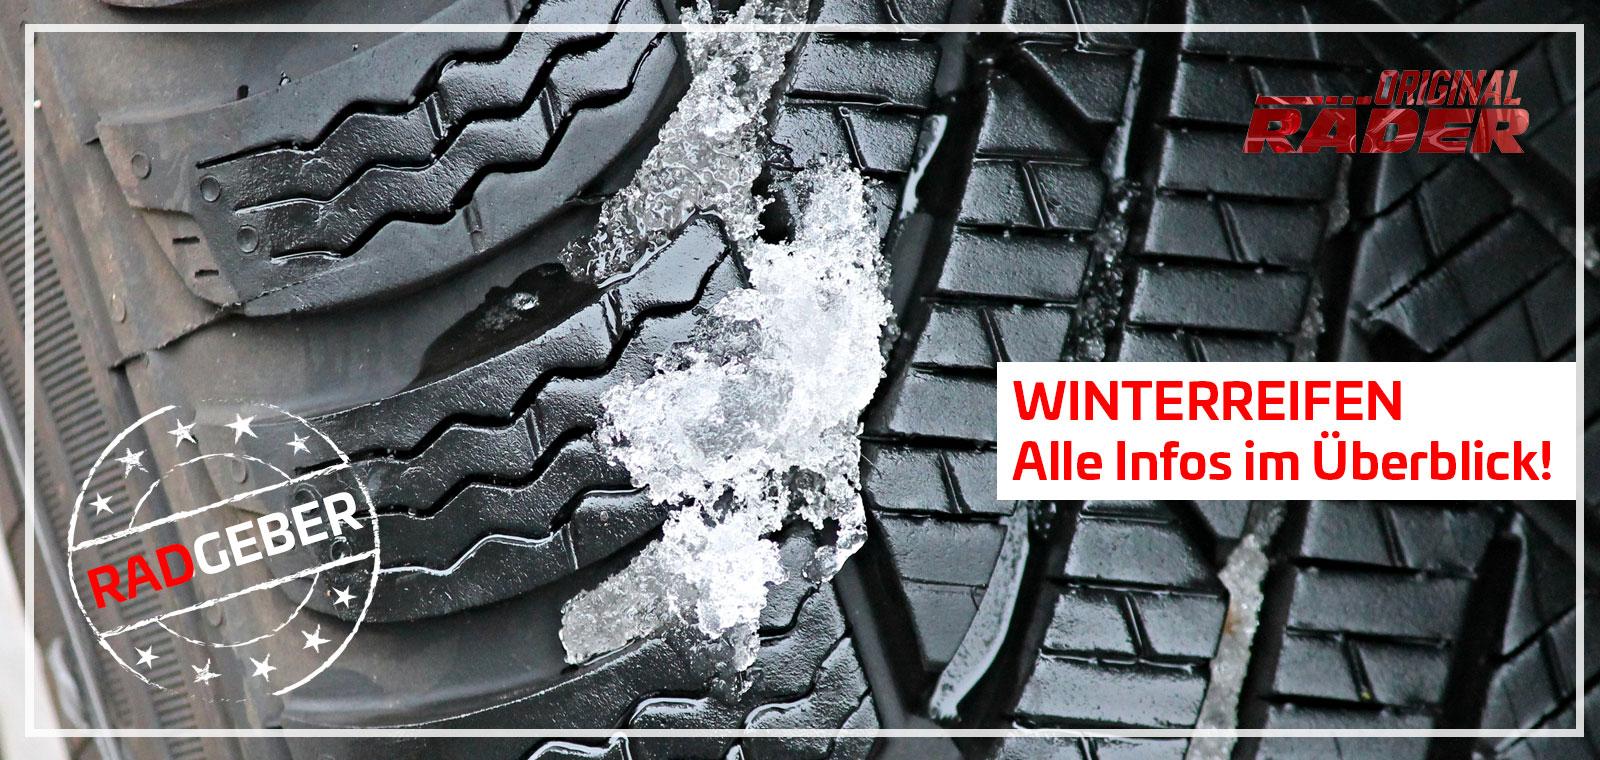 Profiltiefe von Winterreifen: Alles, was Du über sichere Winterreifen und deren Handhabung wissen musst!